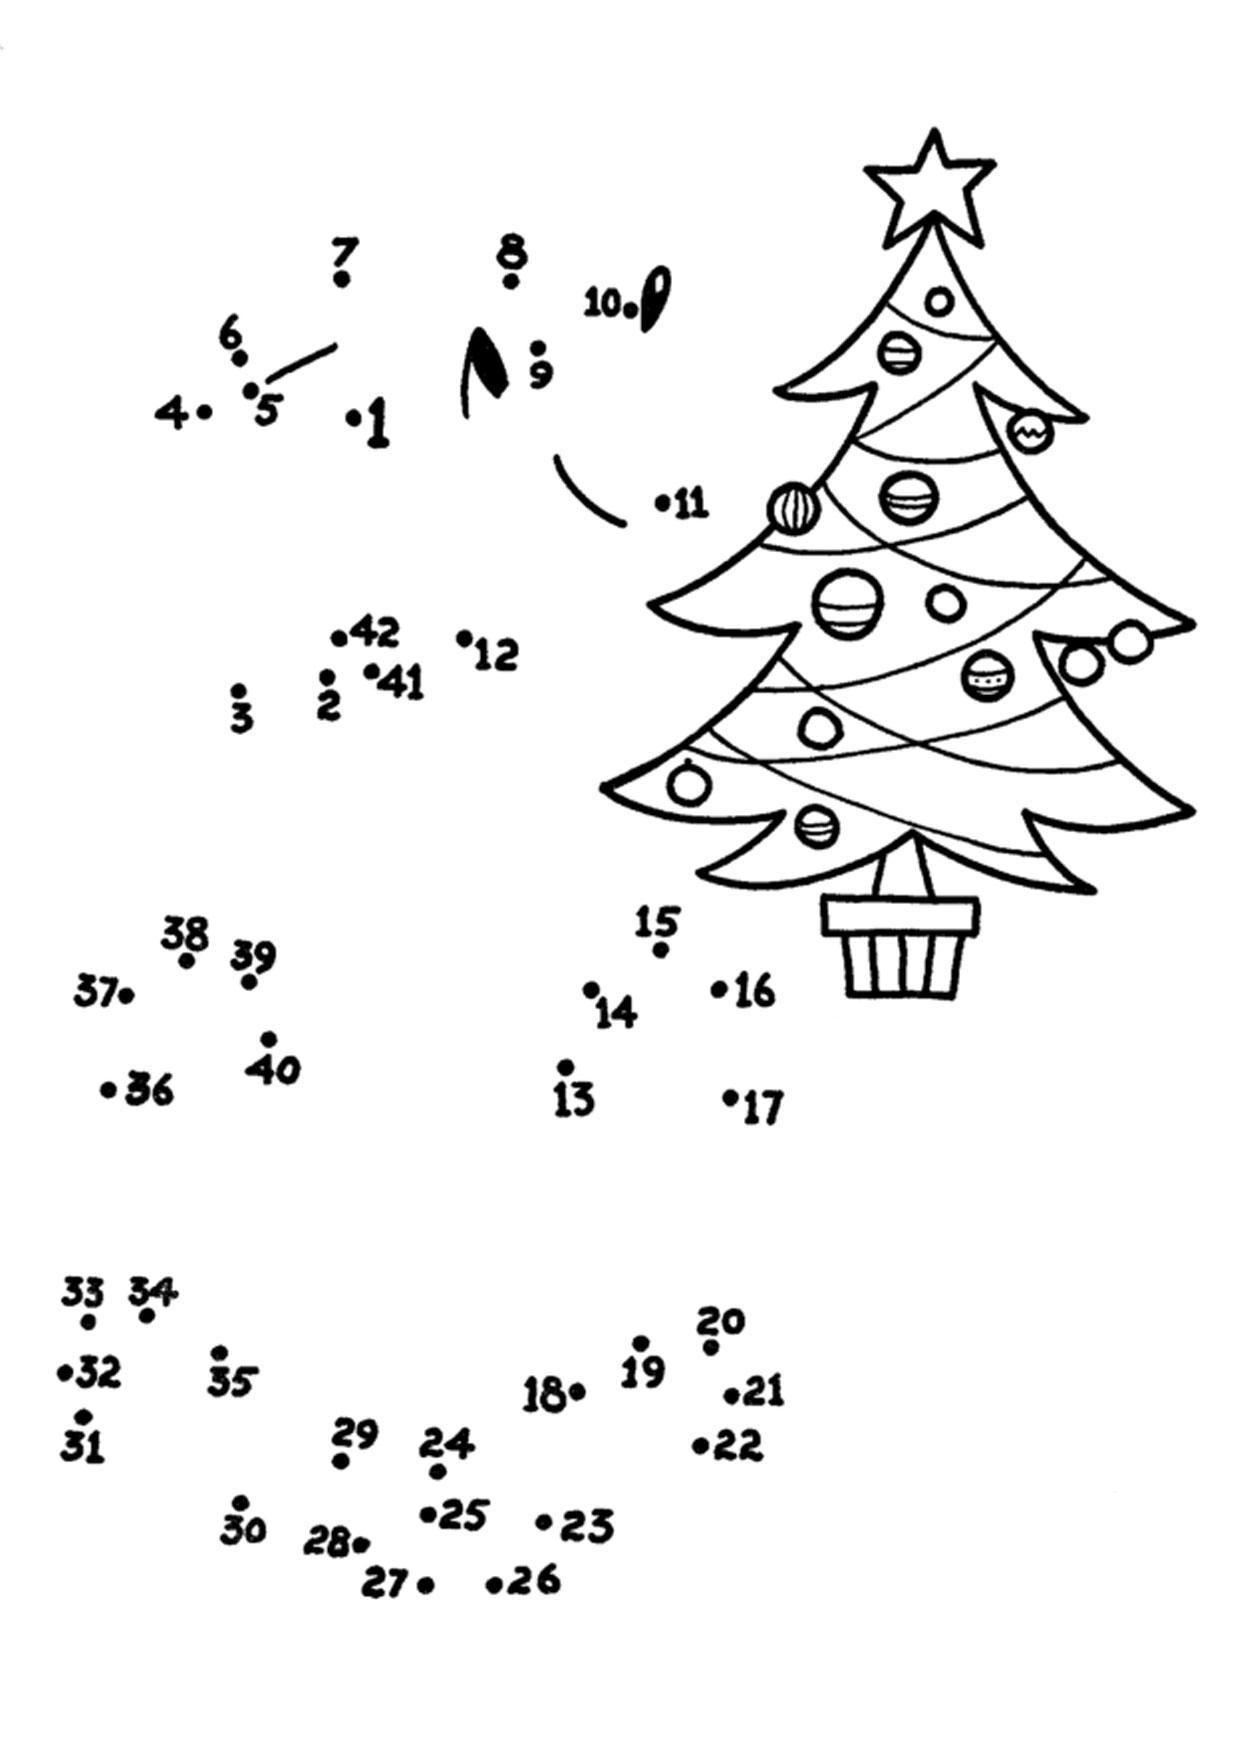 Unisci-Puntini-Natale-11